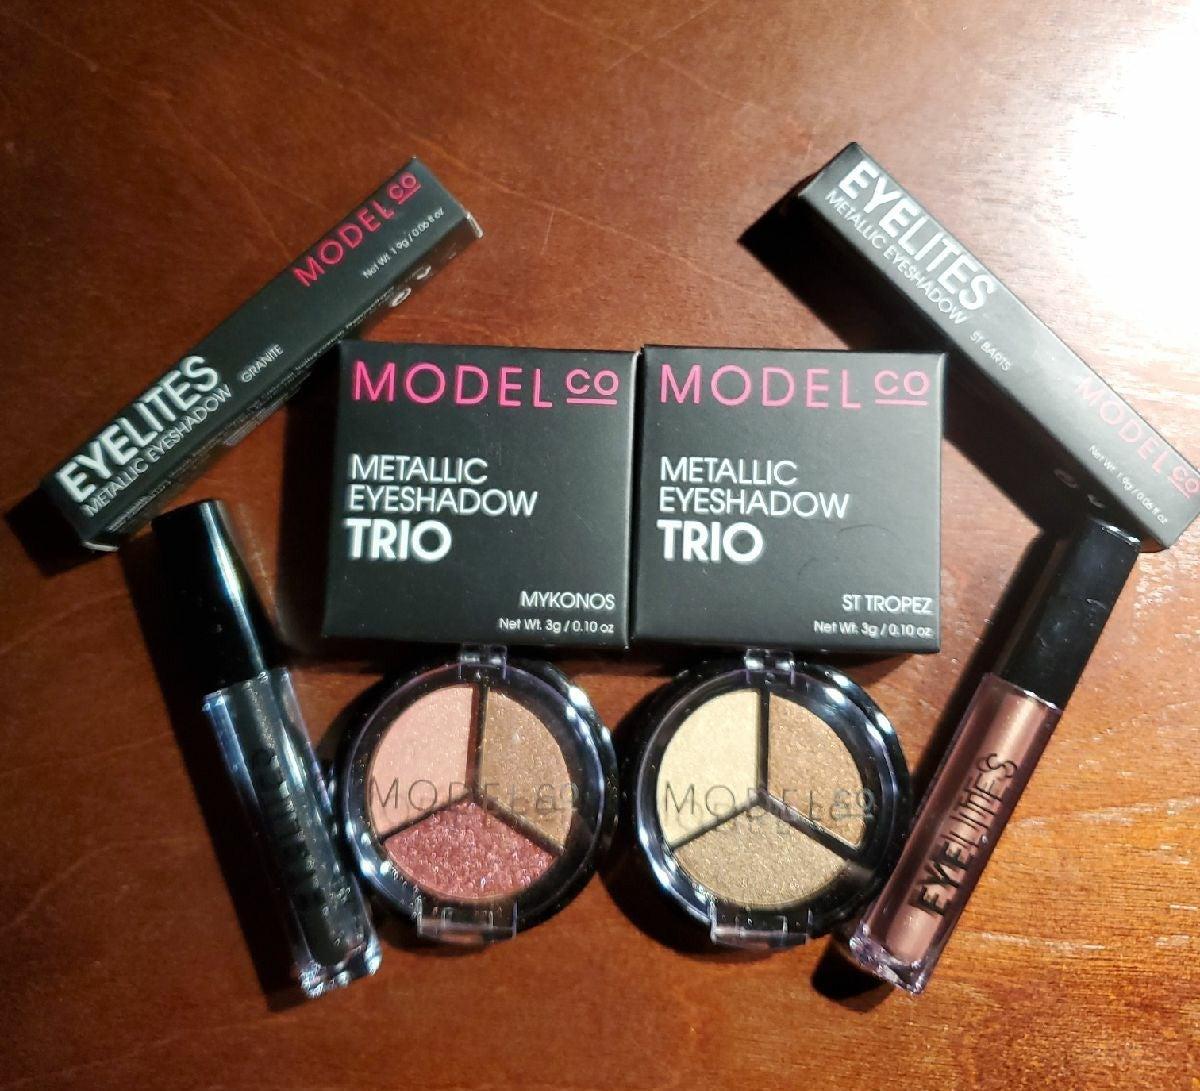 NIB Model Co eye shadow bundle $50 value